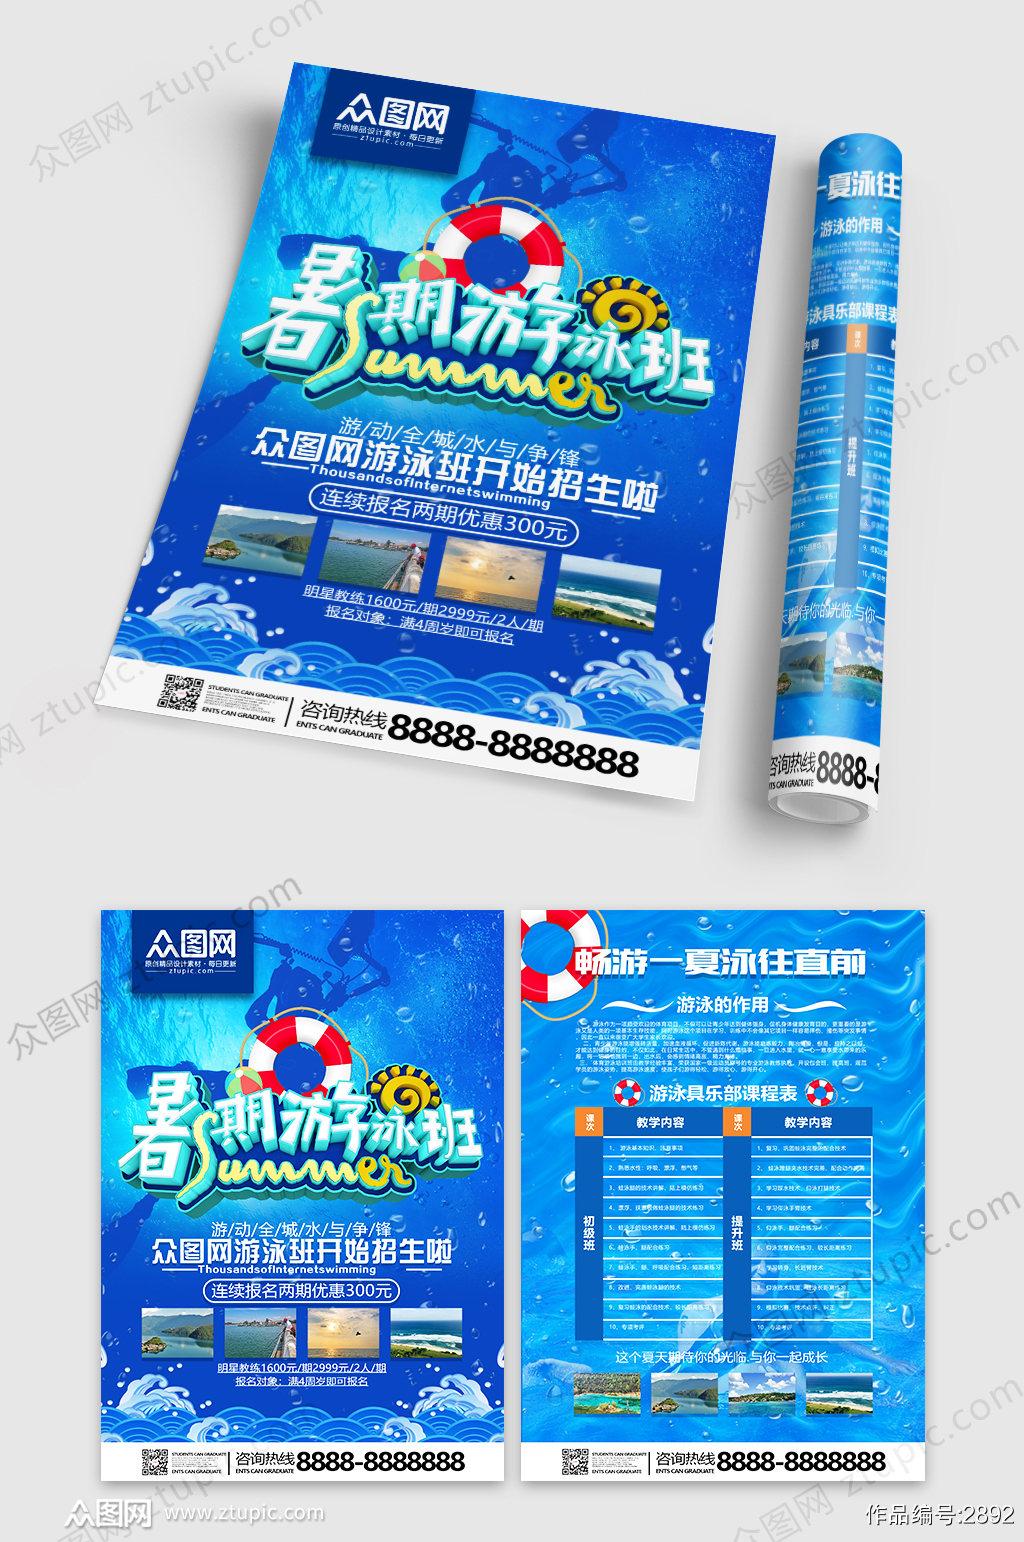 蓝色暑期游泳潜水培训班宣传单素材